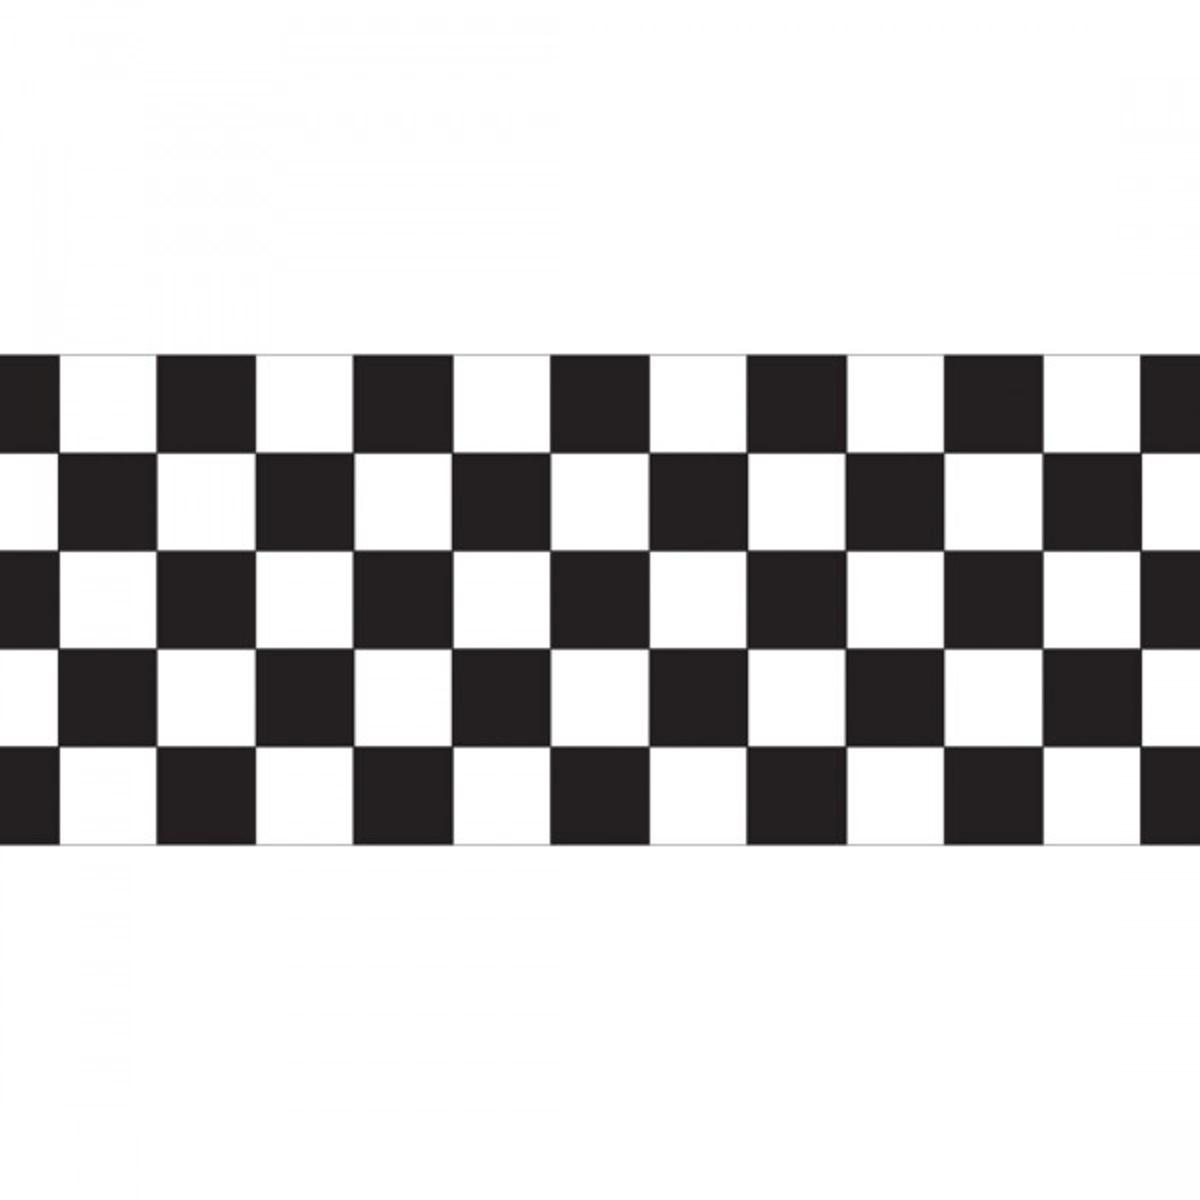 Faixa Adesiva de Parede Carros Xadrez preto e Branco Corrida no Elo7 SETE SABÁ (DA85C7) # Decoração Xadrez Preto E Branco